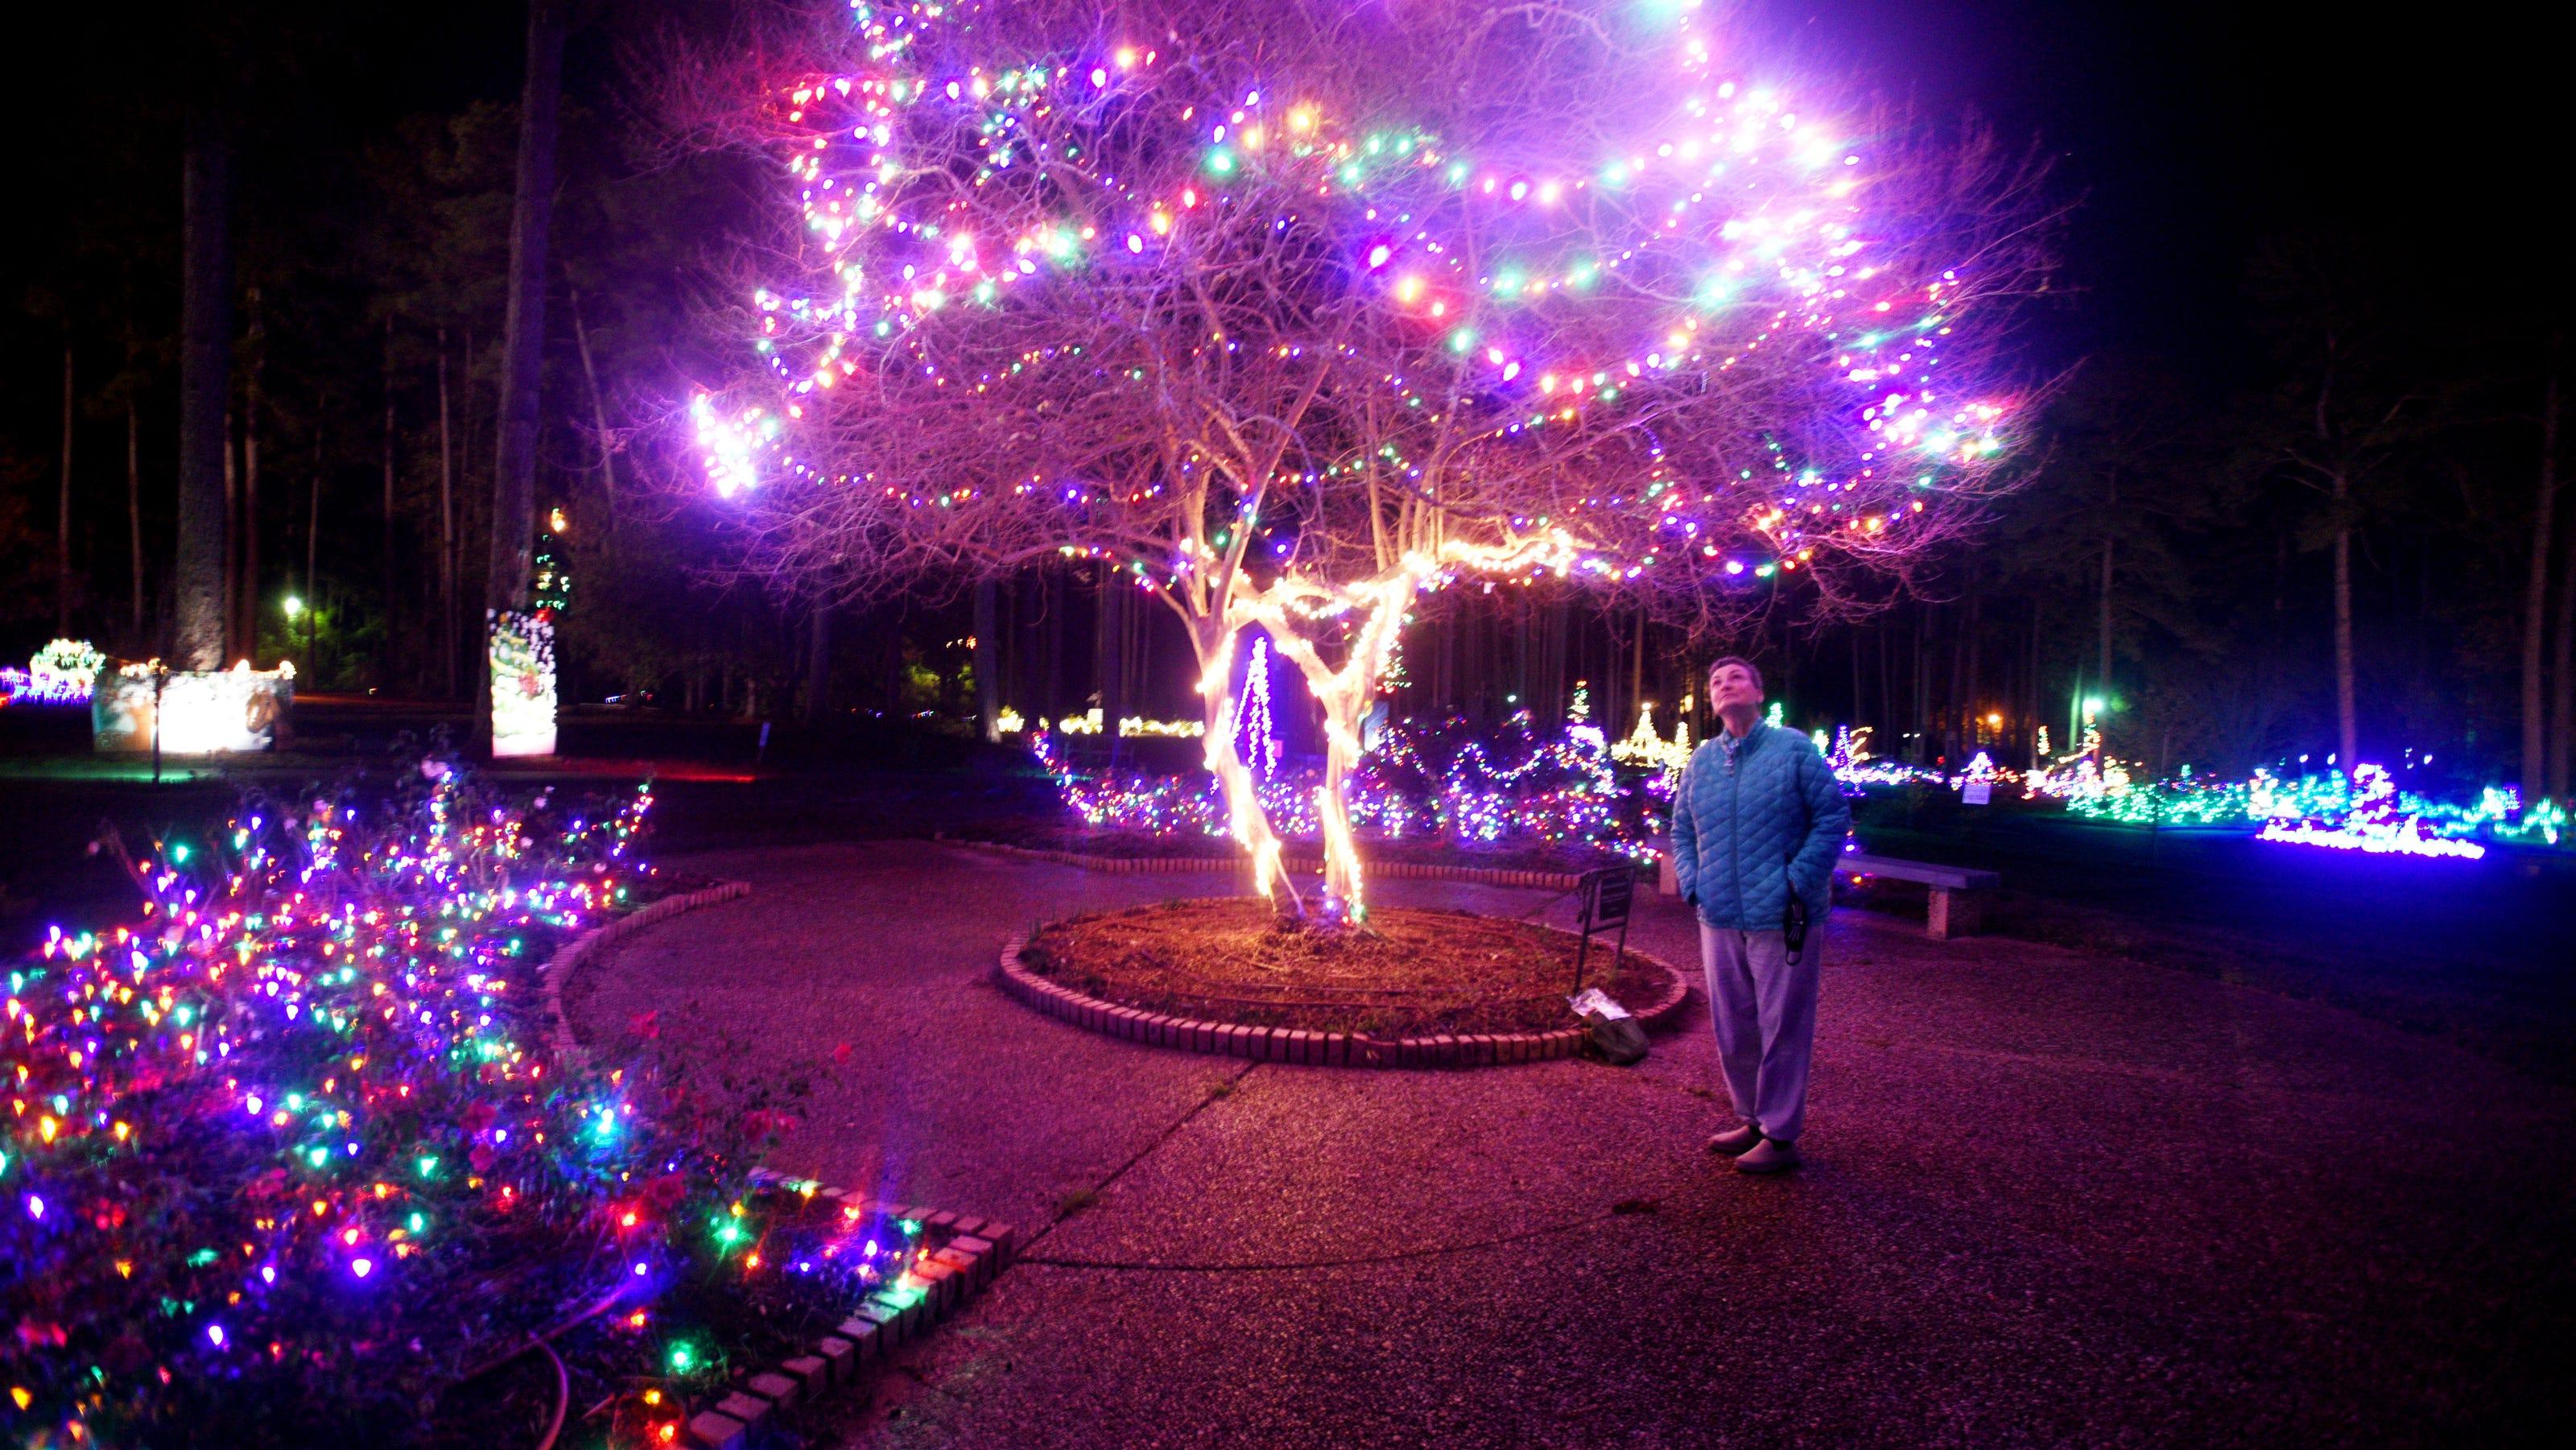 Christmas At Roseland In Shreveport La 2021 Shreveport Bossier Holiday 2020 Events Where To See Christmas Lights